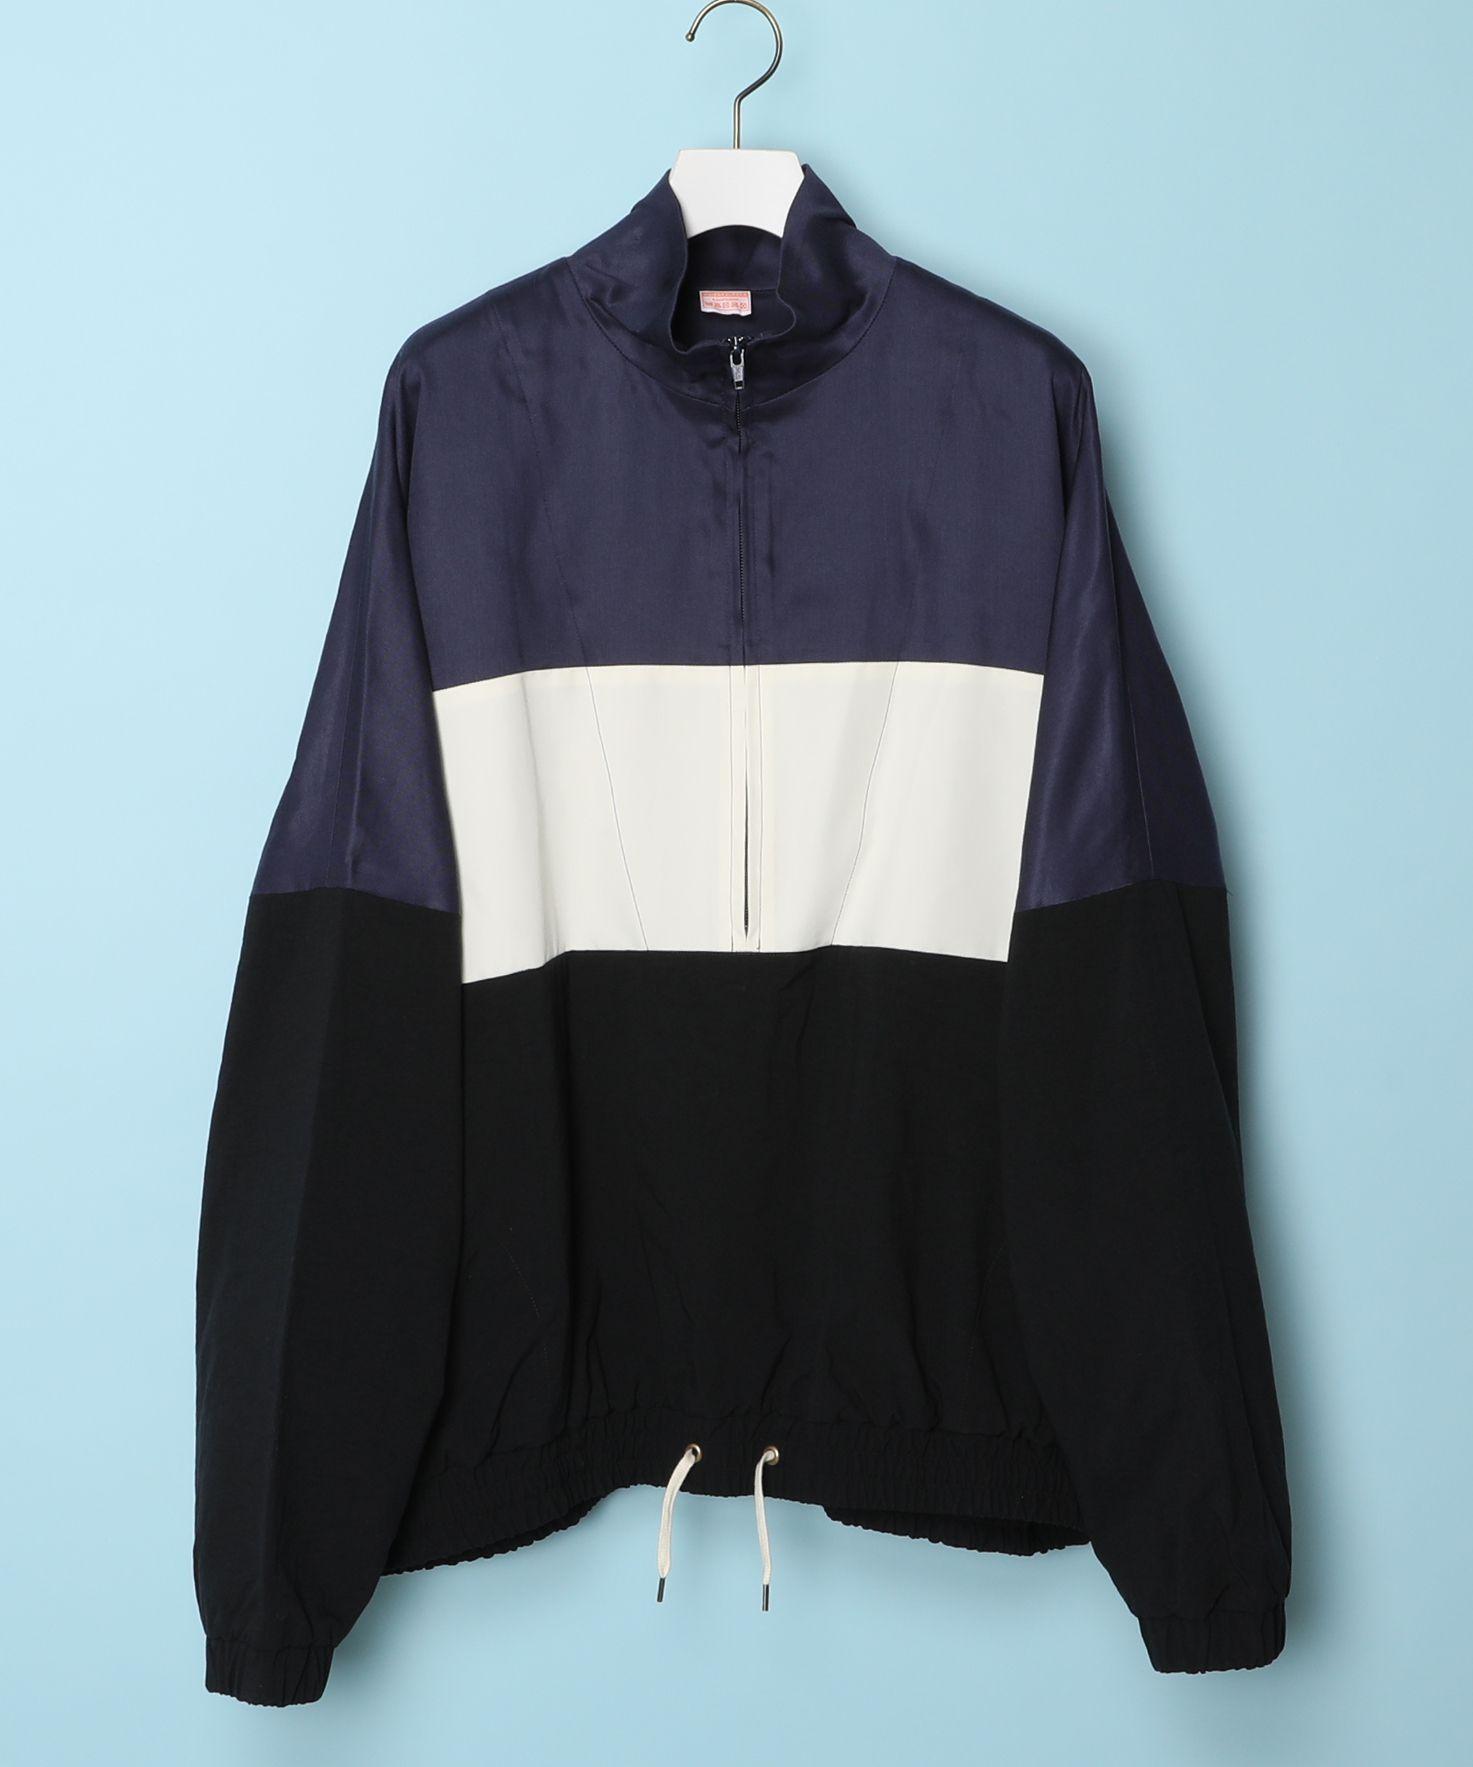 メゾンエウレカ MAISON EUREKA / ブルゾン Summer Shell Suit Top